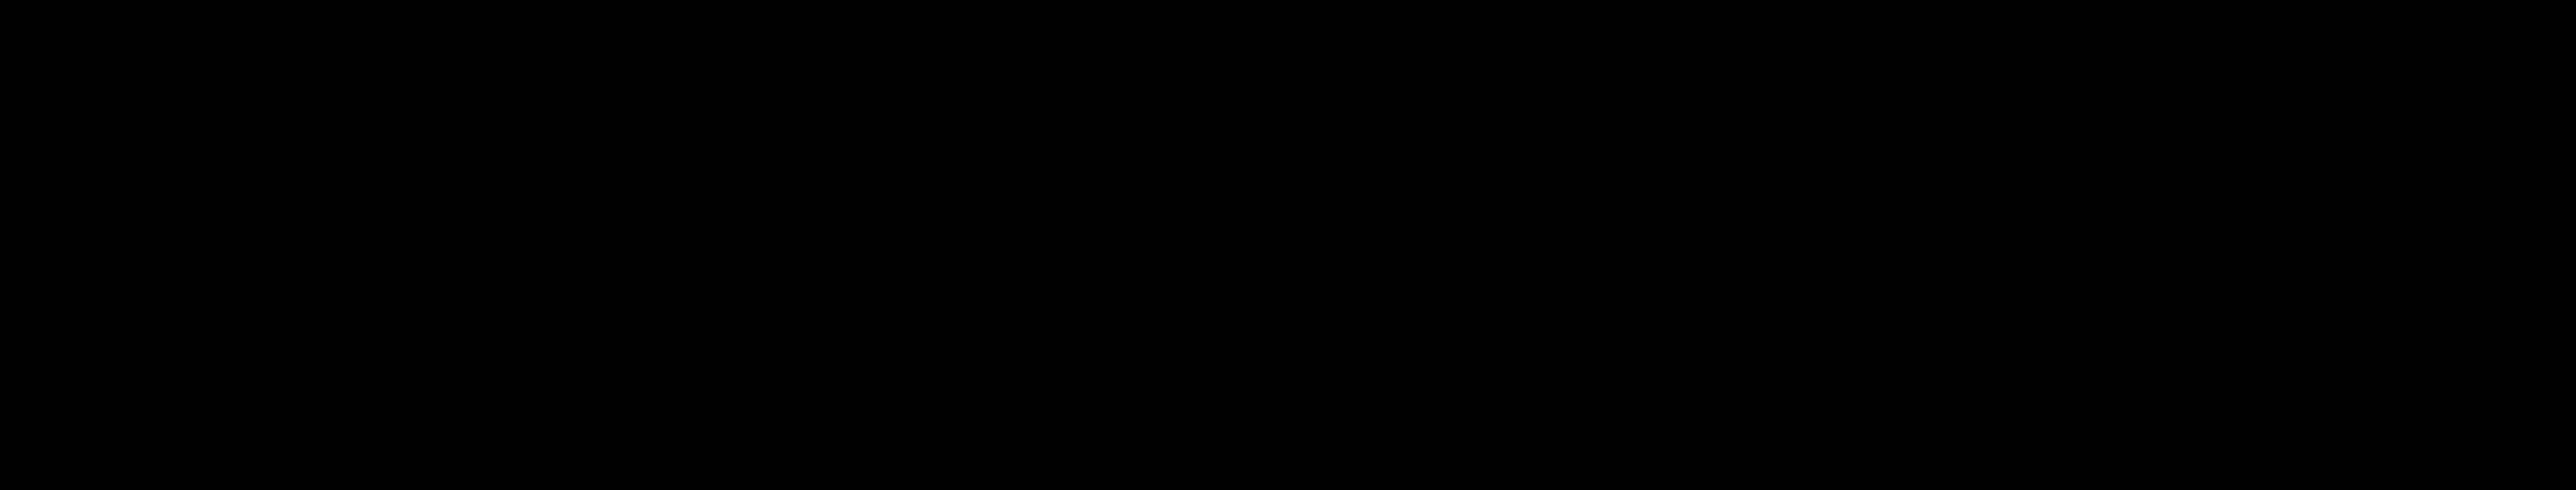 1,3-O-Diferuloylglycerol